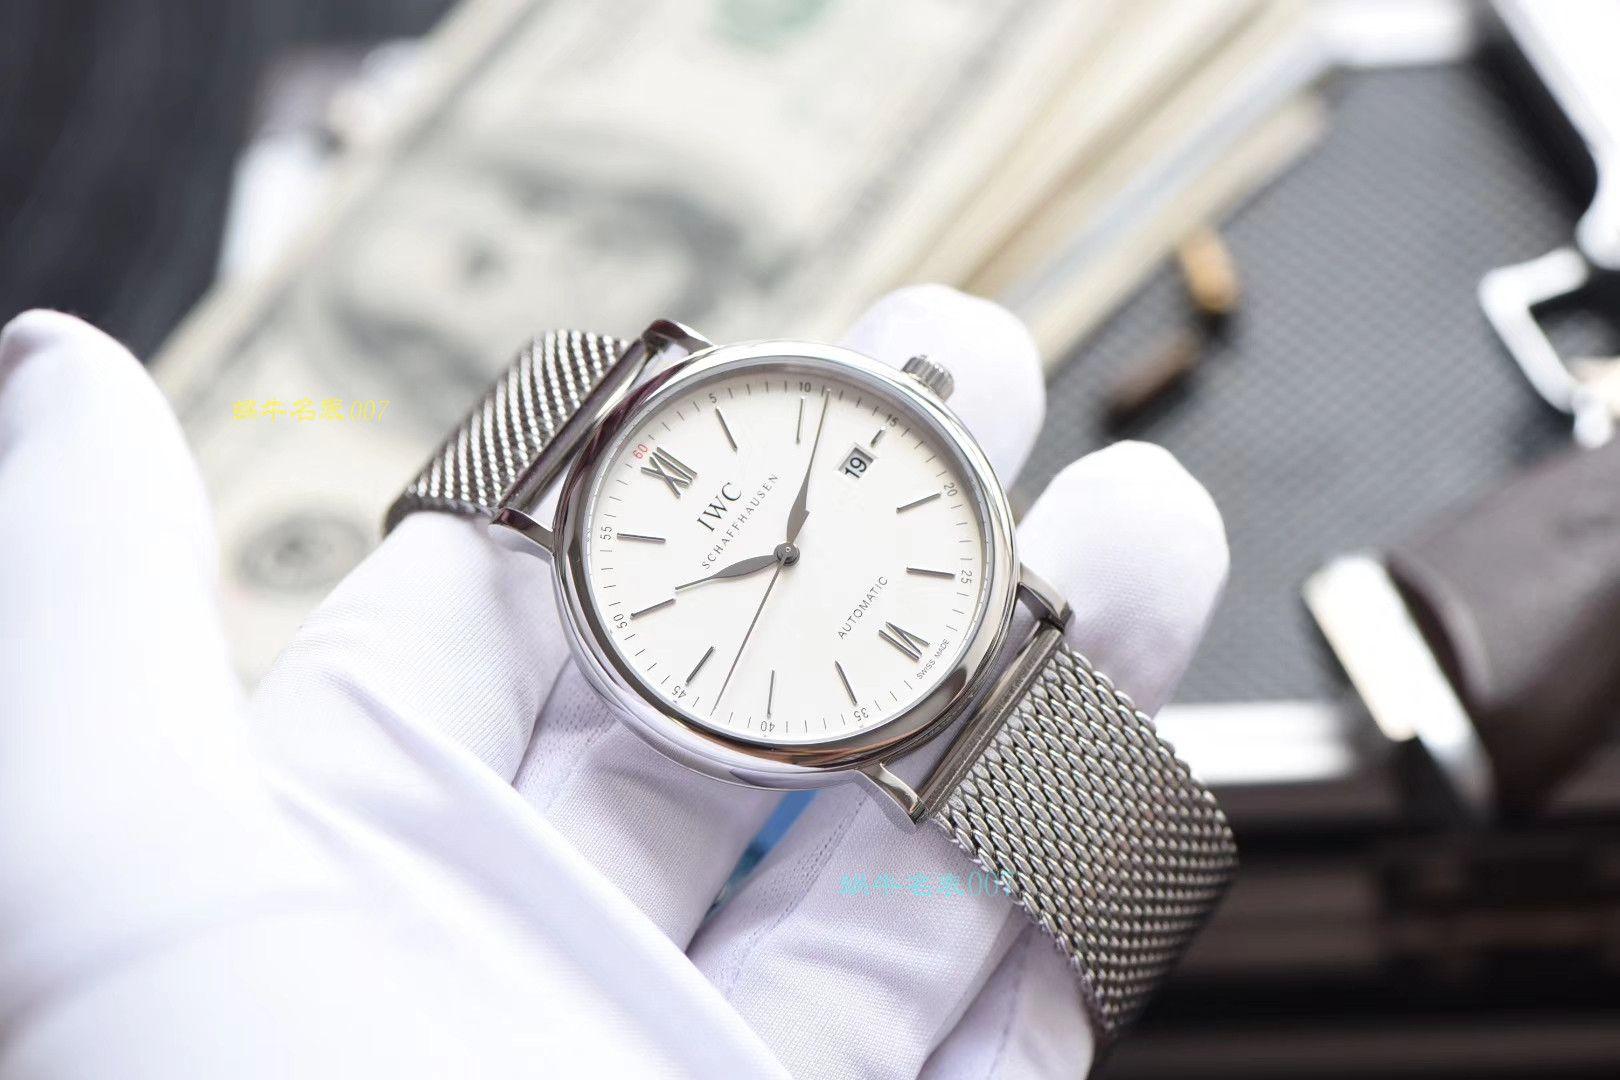 【顶级复刻手表价格】视频评测IWC万国表柏涛菲诺系列IW356505腕表 / WG357